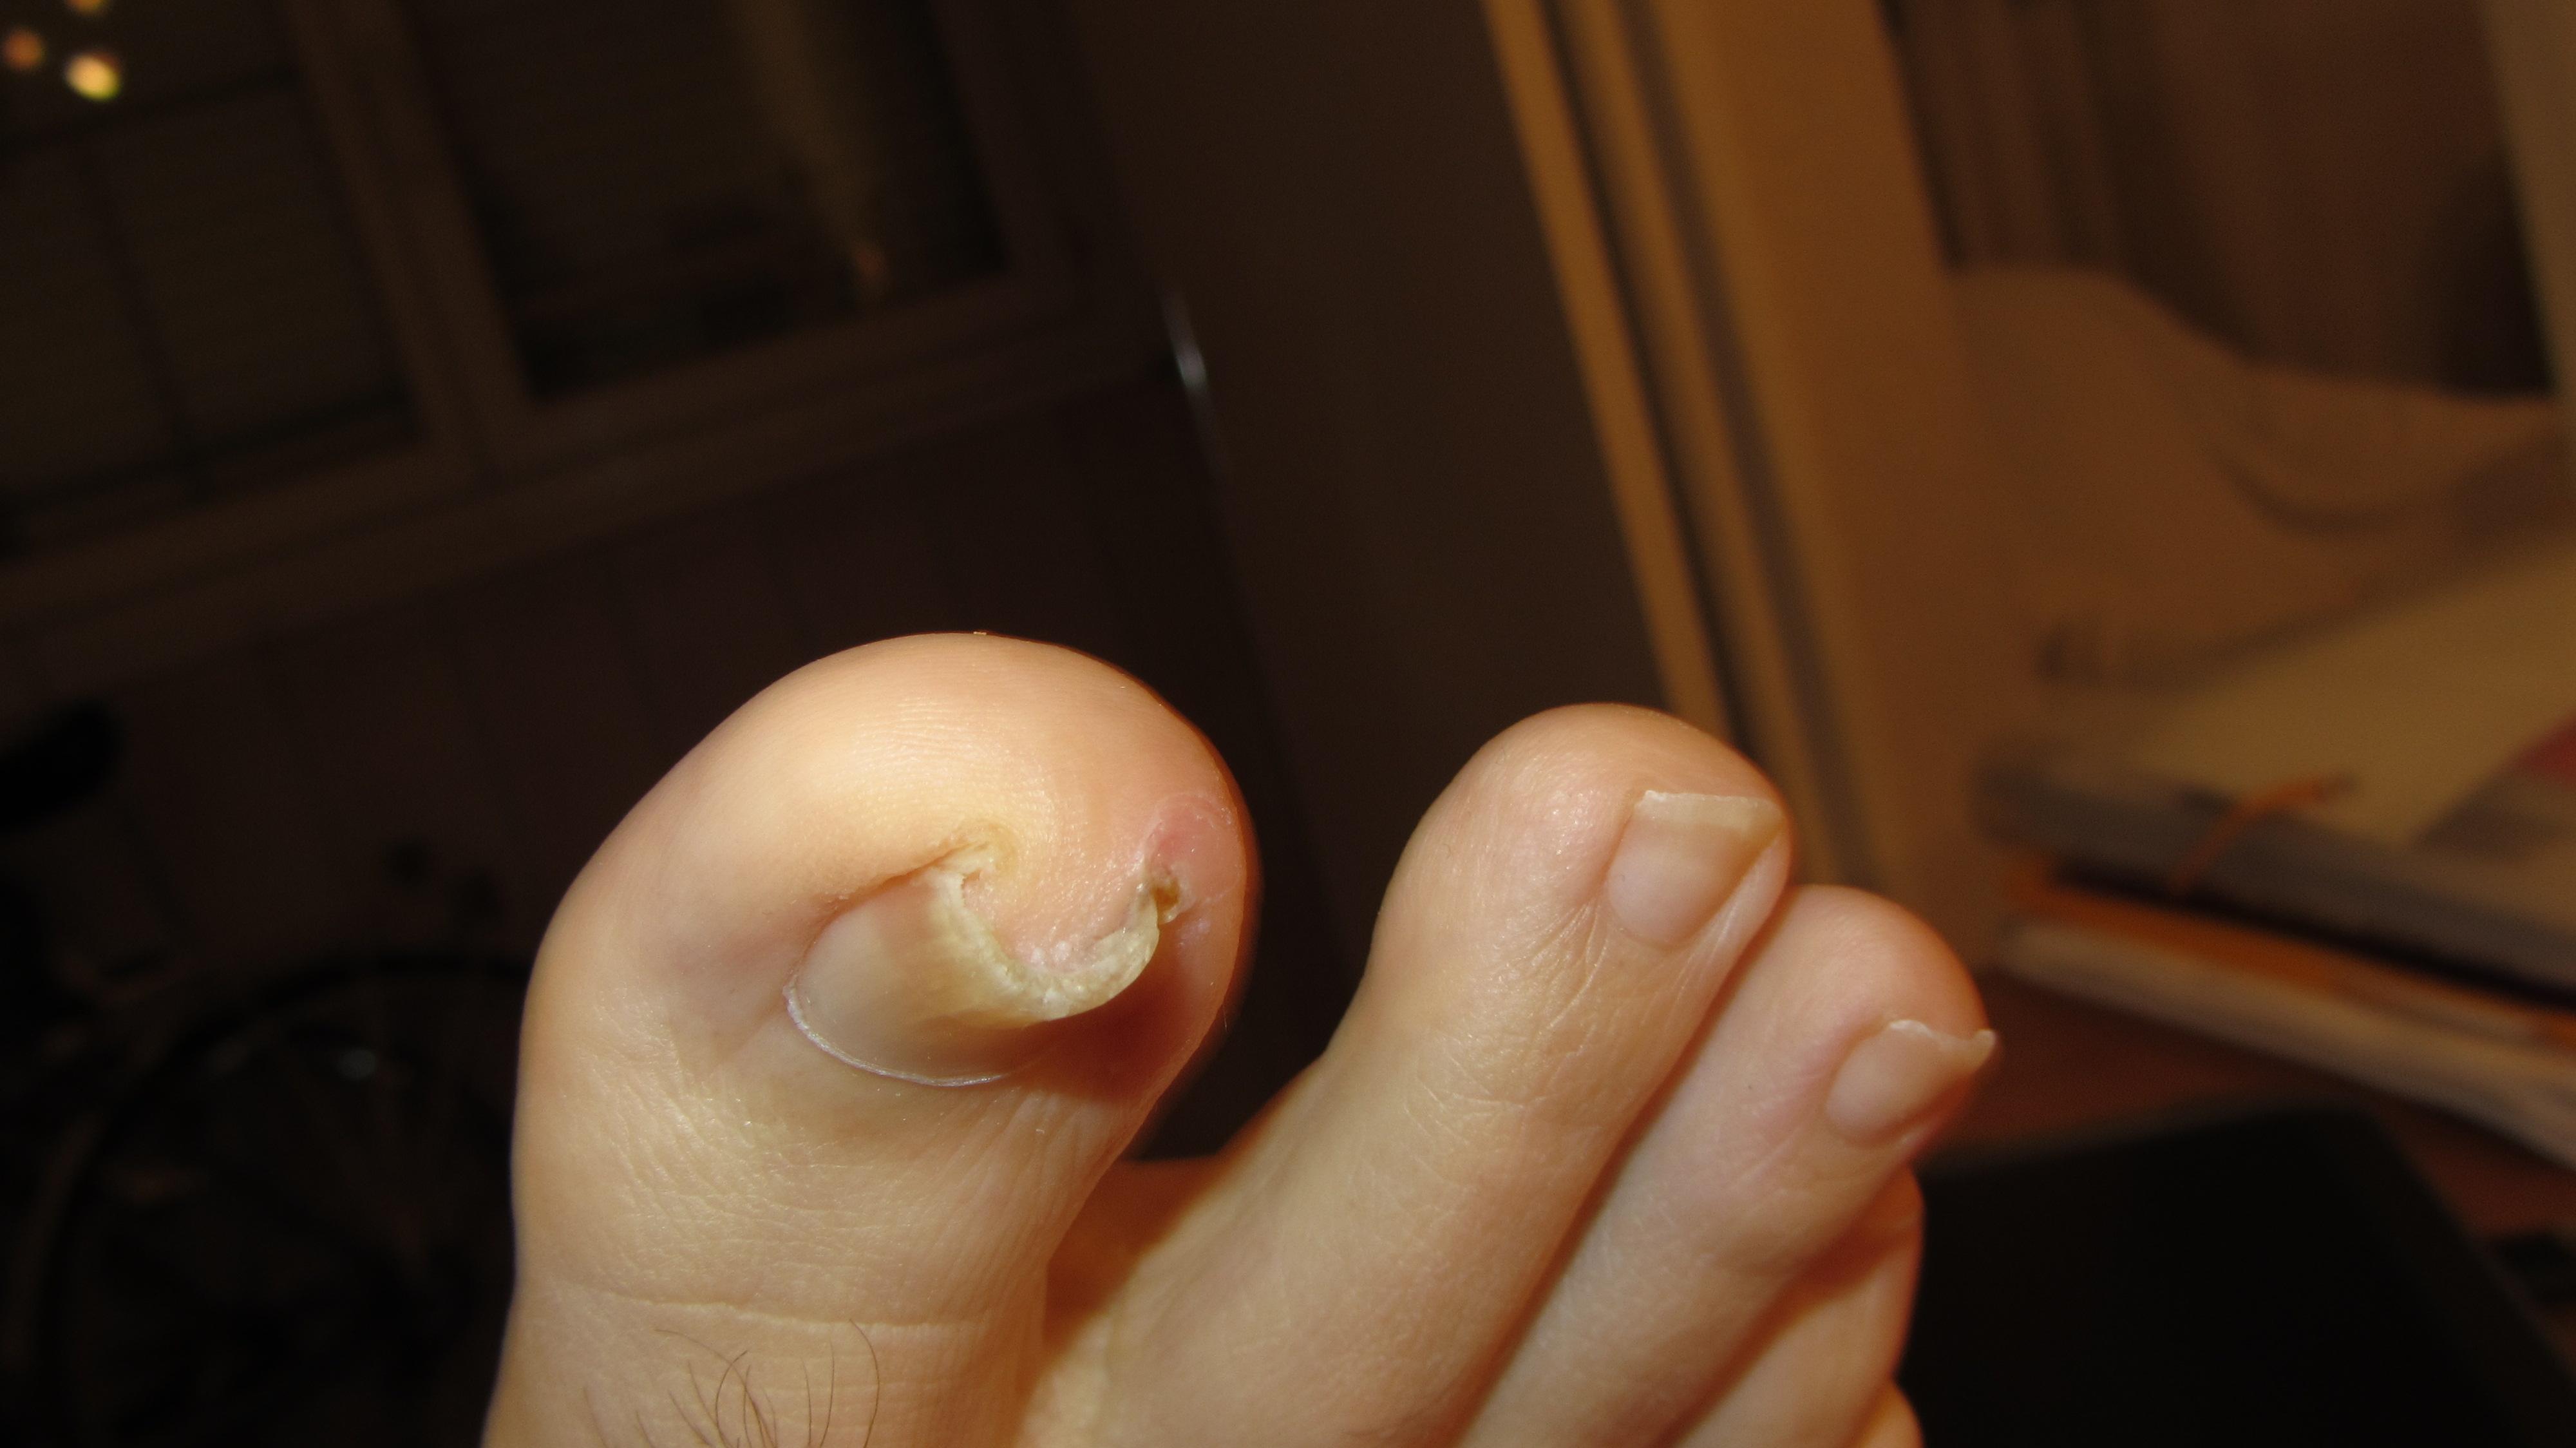 Une op ration de chirurgie esth tique ekkion - Coupe des ongles de pieds ...